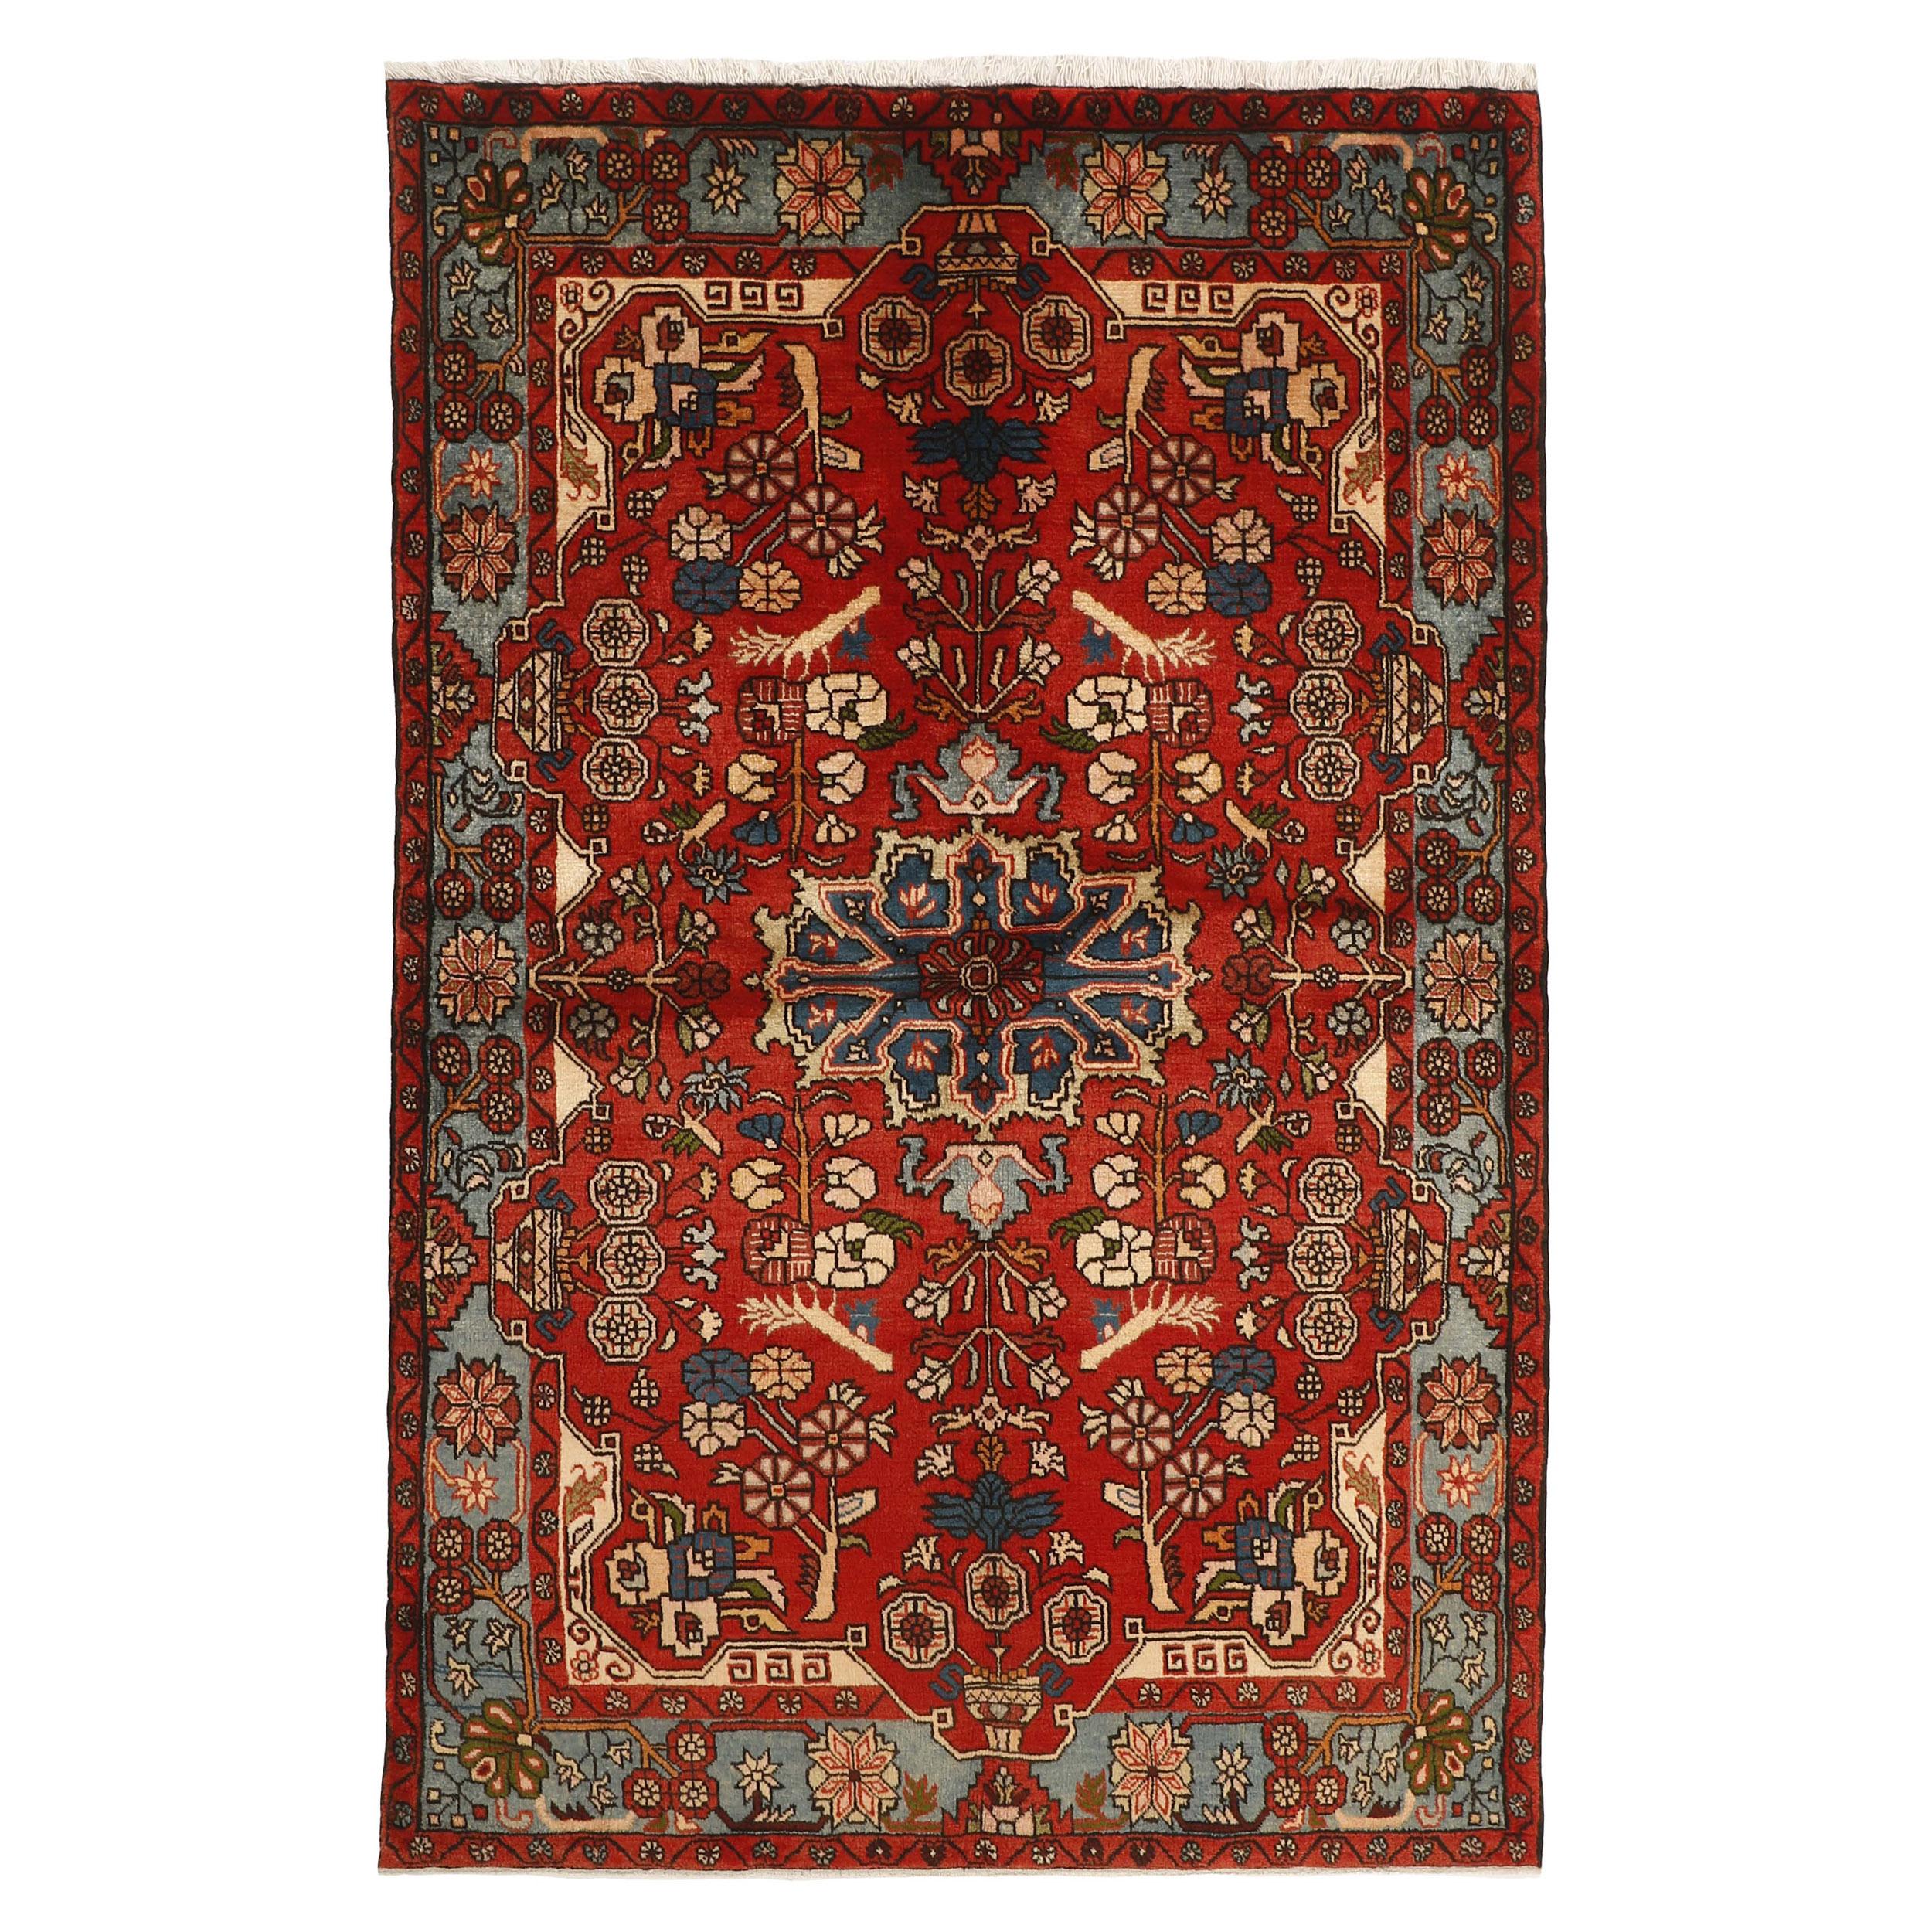 فرش دستبافت سه و نیم متری مدل نهاوند ایلیاتی کد 521116